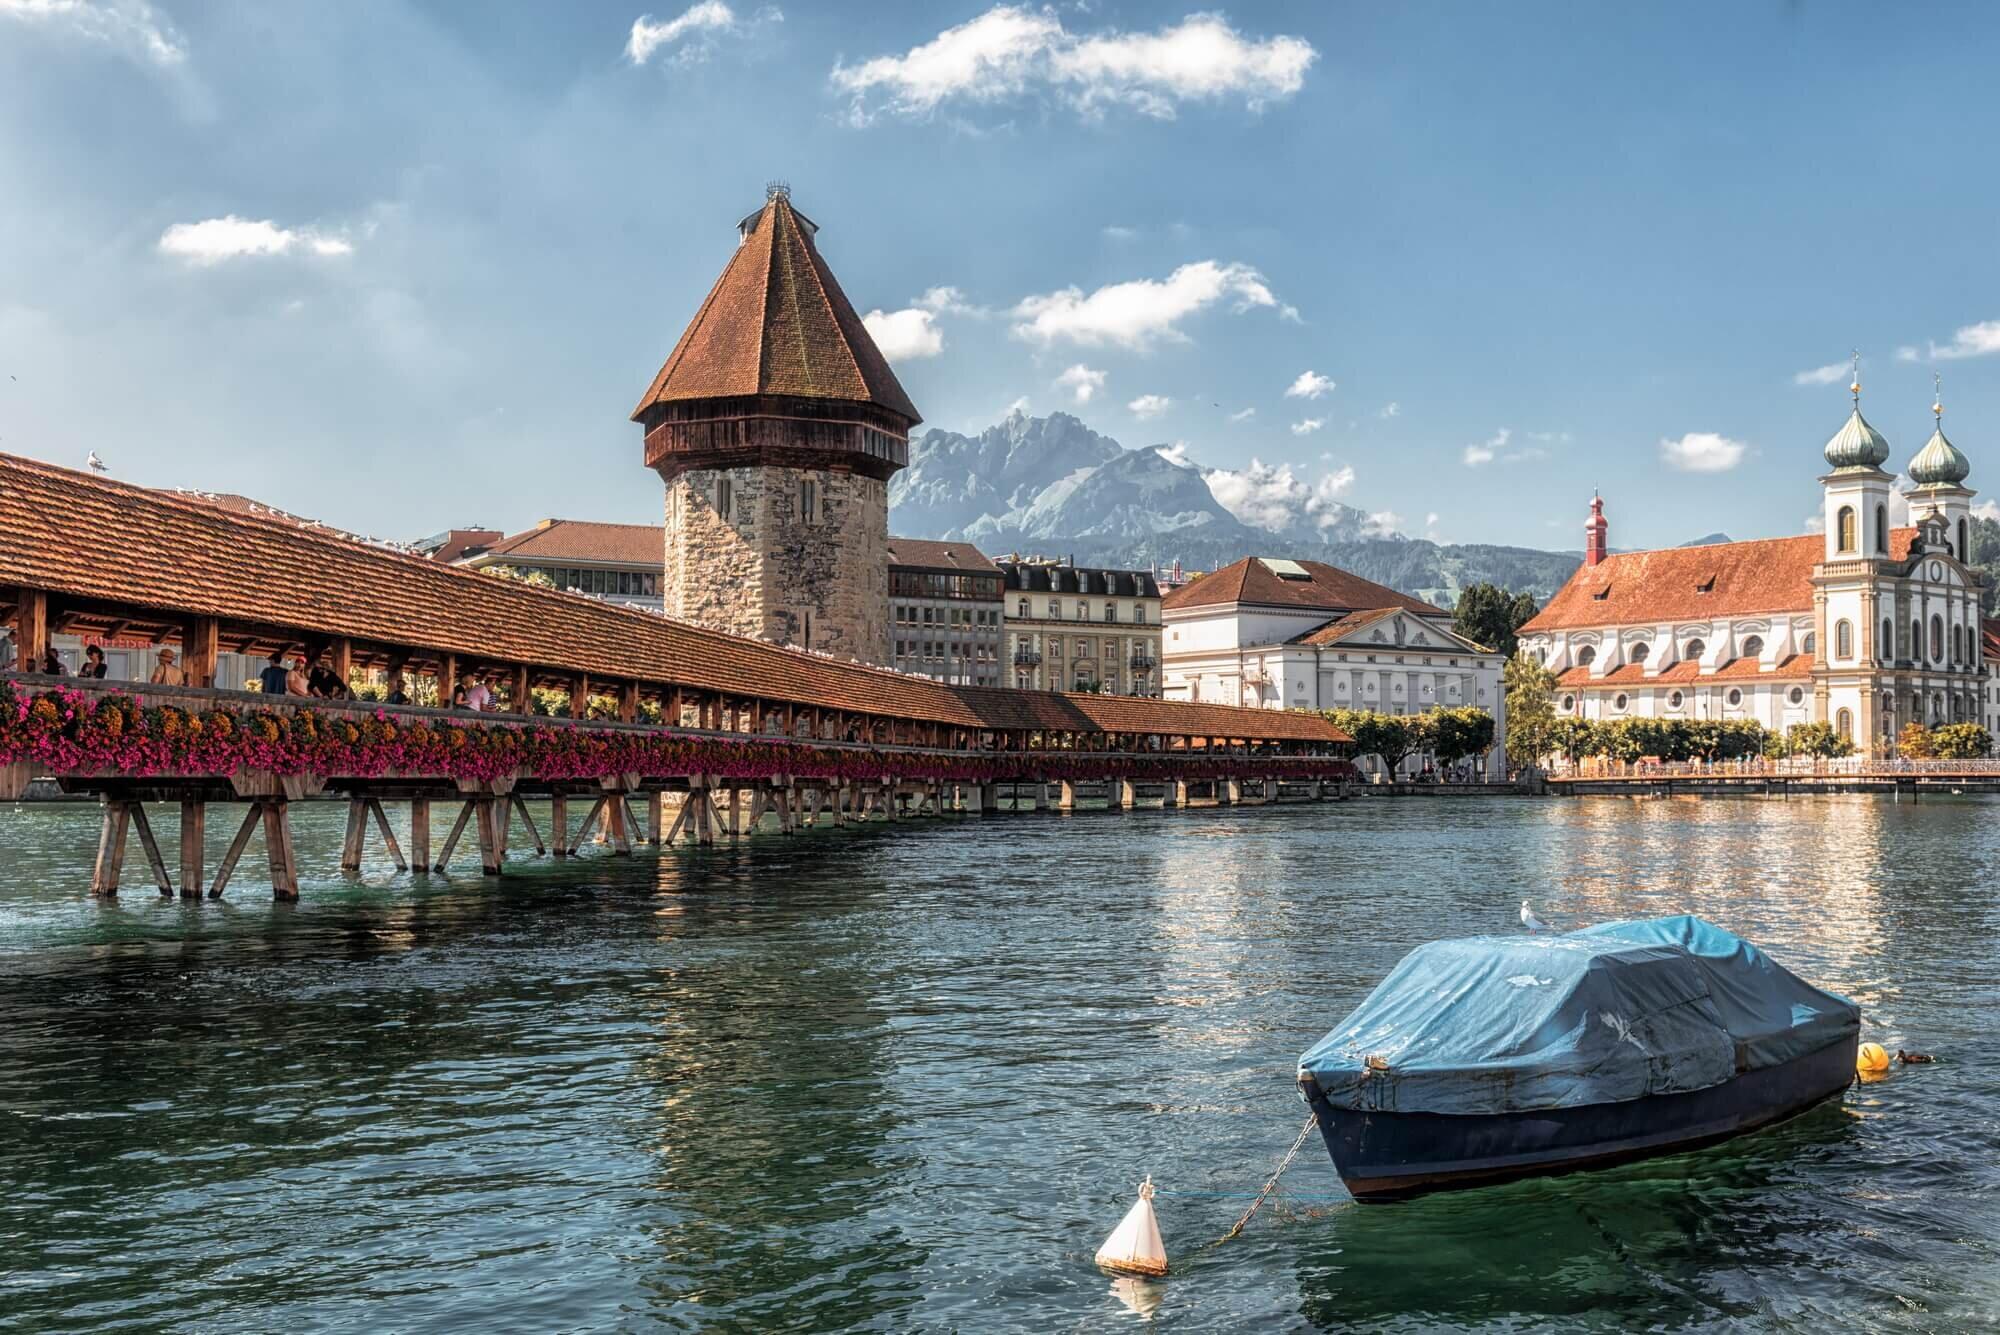 גשר הפרחים, שוויץ - Chapel Bridge, Swiss